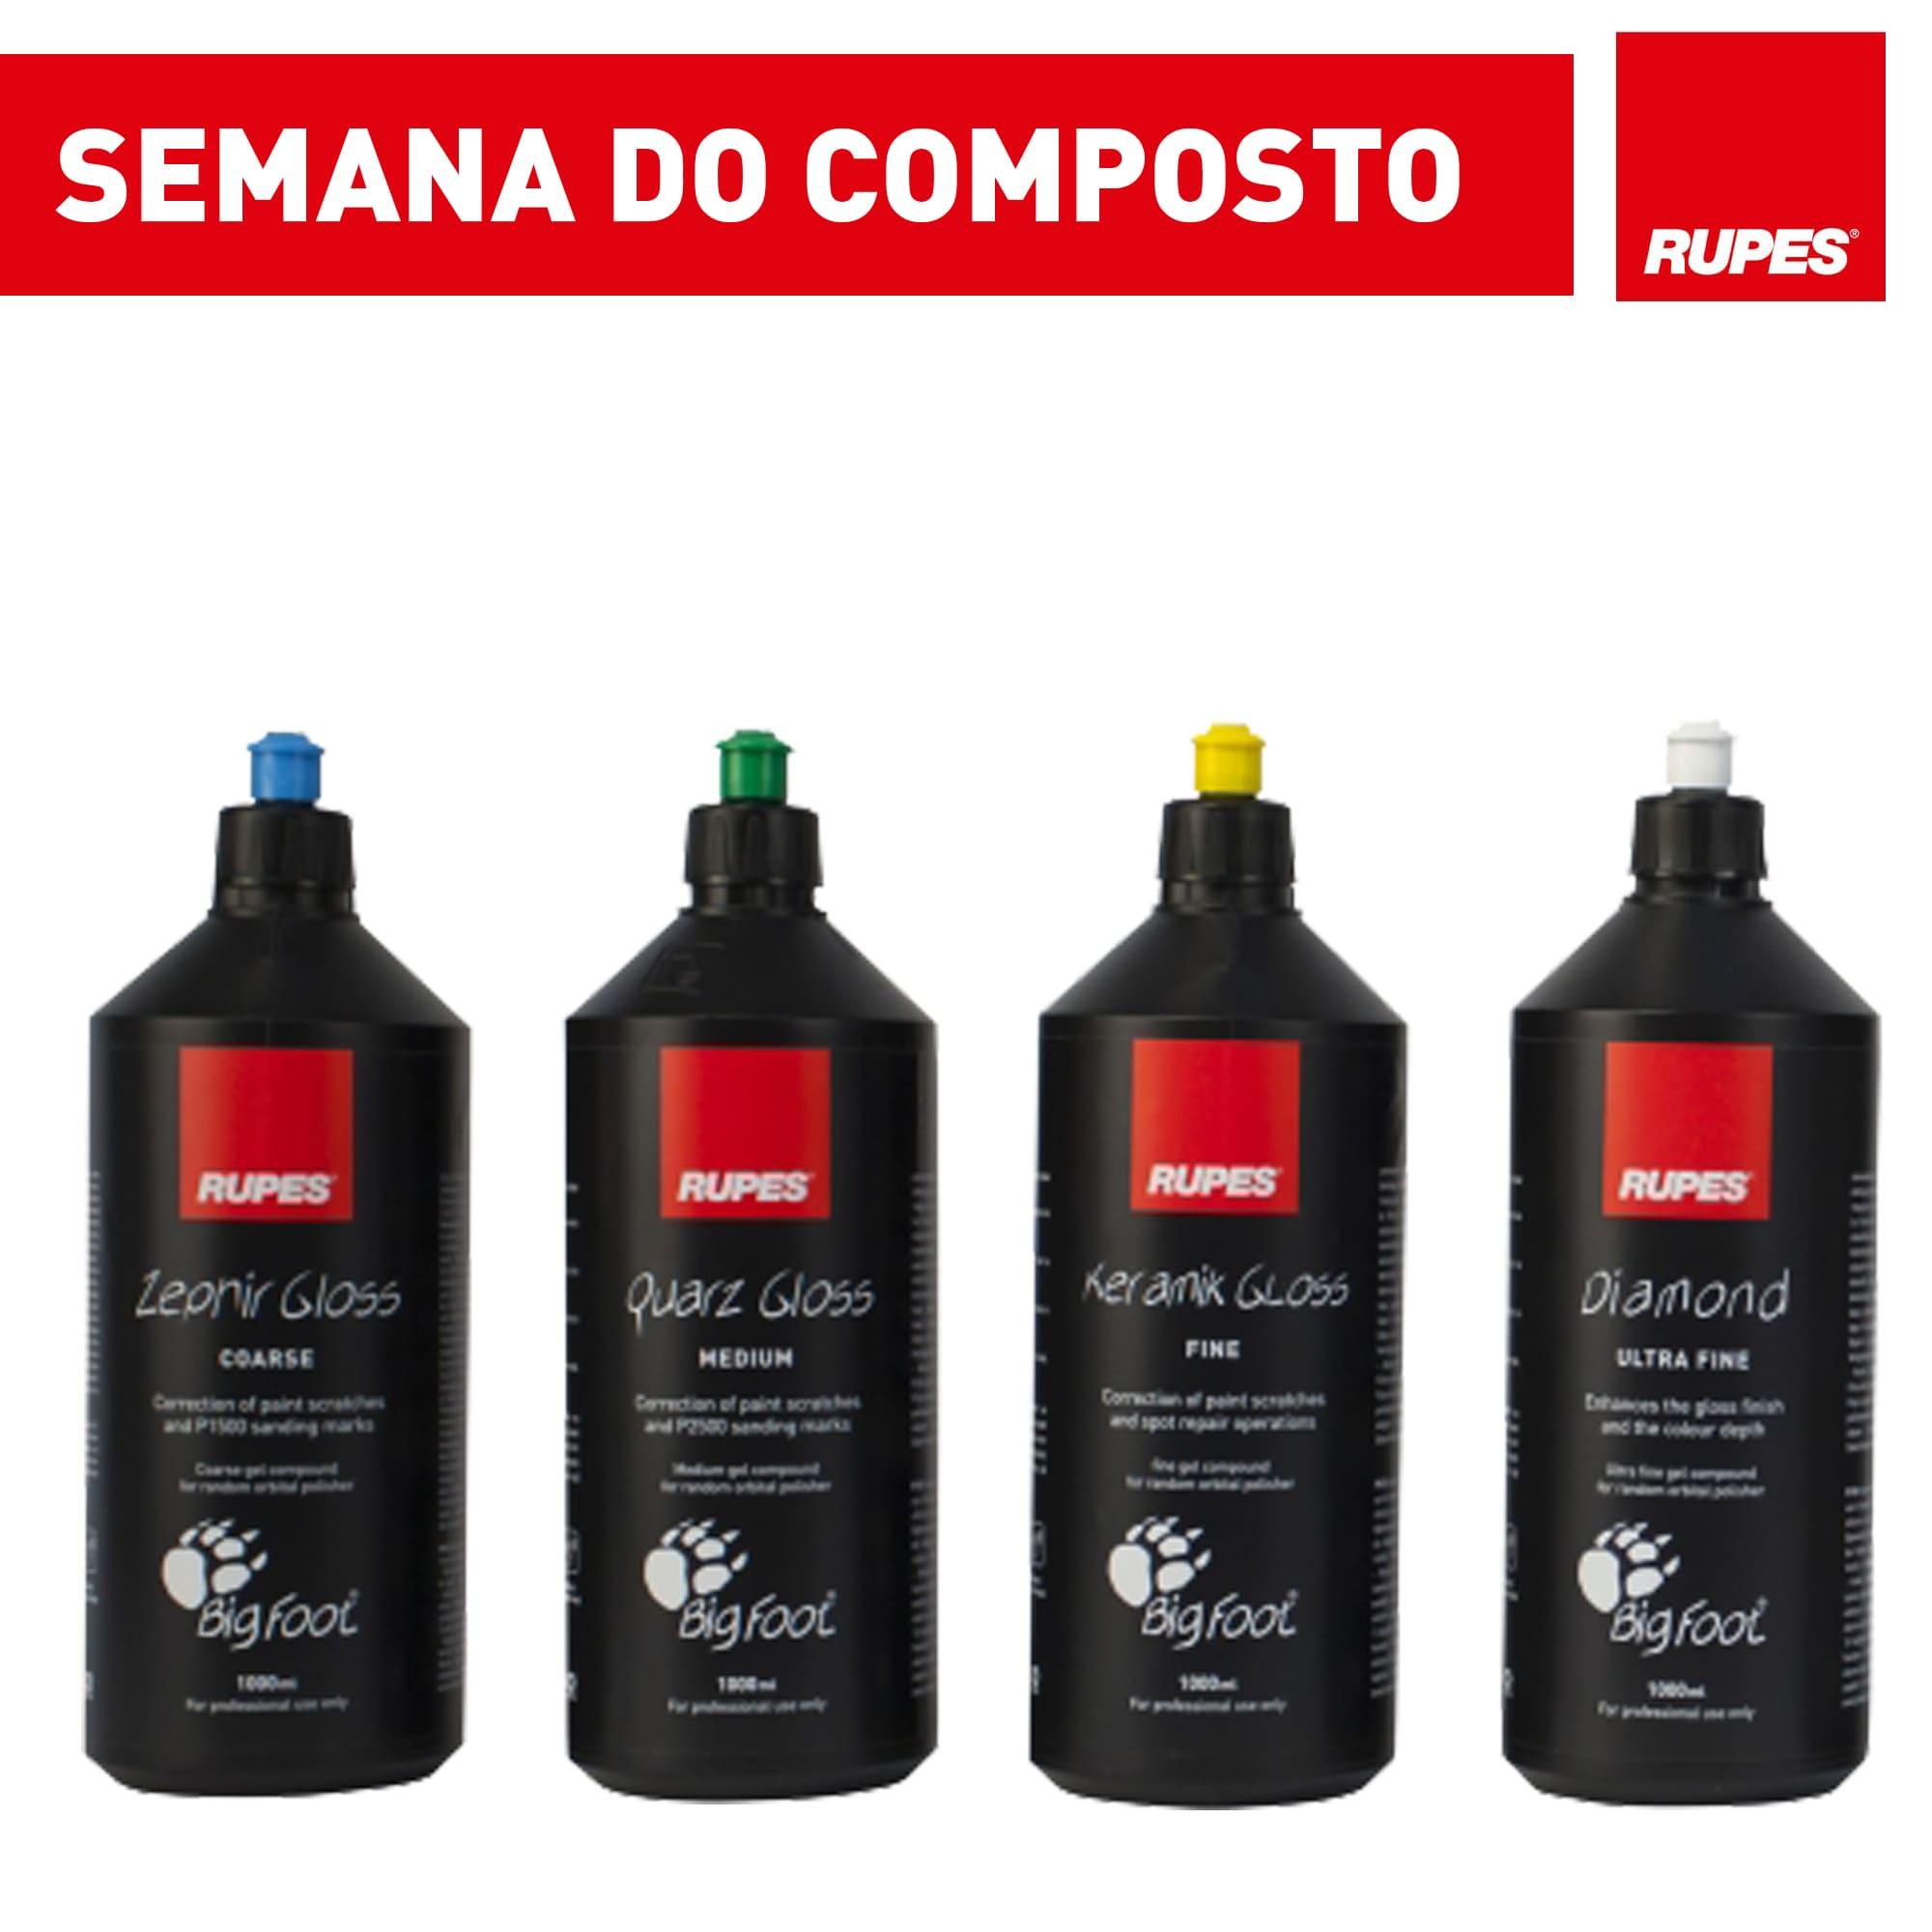 KIT com 4 Compostos Rupes - Promoção Semana do Composto  - Rupes Brasil